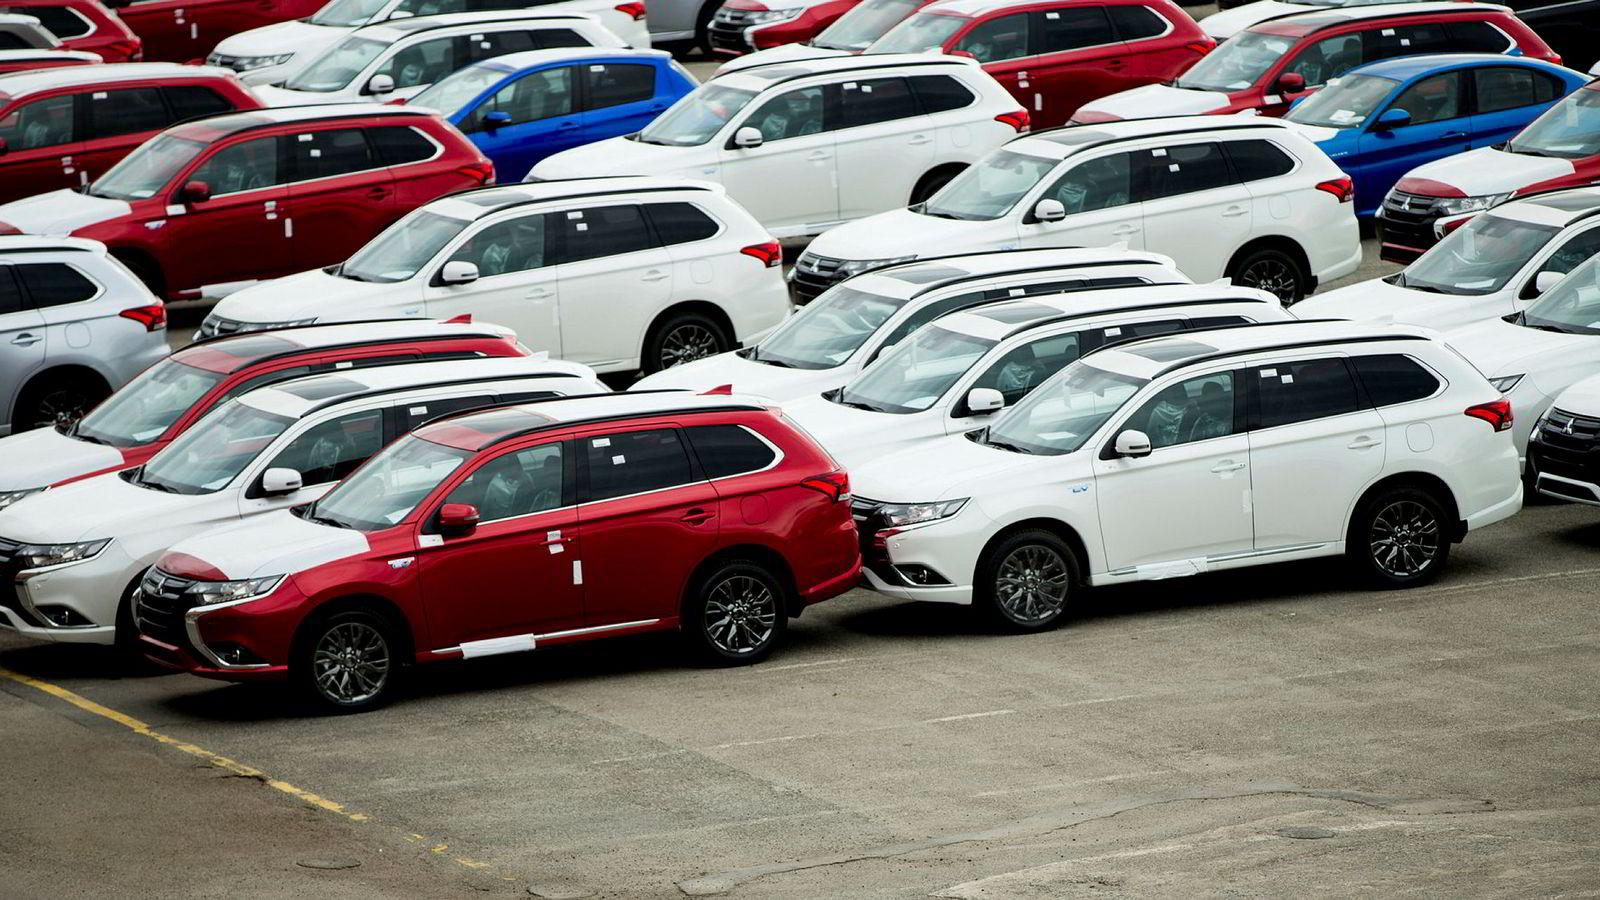 Bilavgiftene i Norge skal tilpasses virkeligheten etter 2025. Da skal det kun selges nullutslippsbiler, og ingen biler som disse ladbare hybridene i Drammen havn.